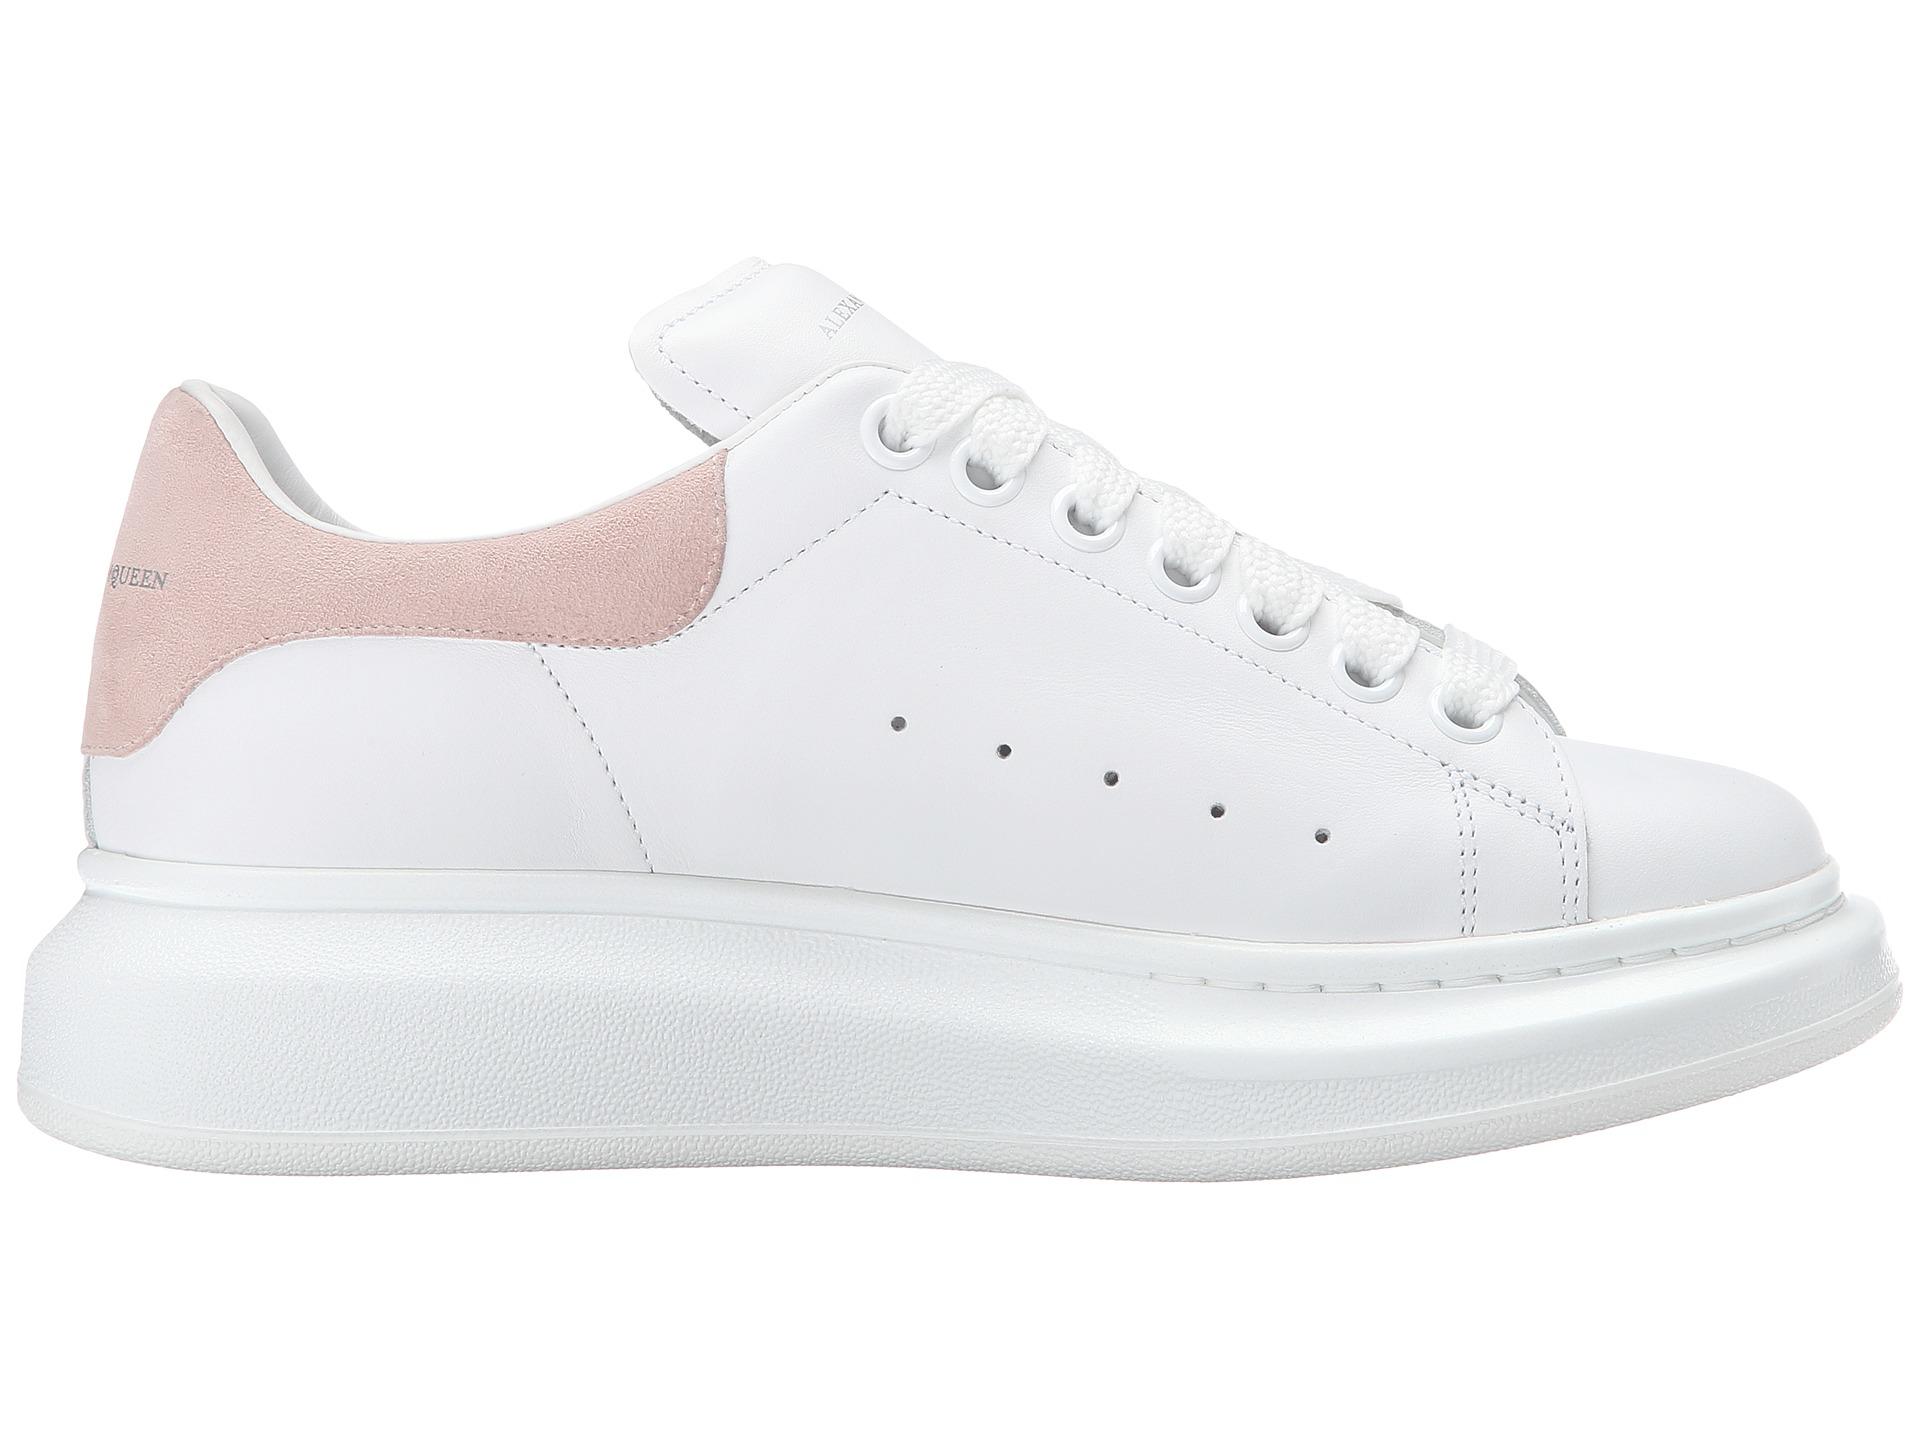 White gomma Pelle Mcqueen Sneaker Lyst In Alexander S W8RnzU